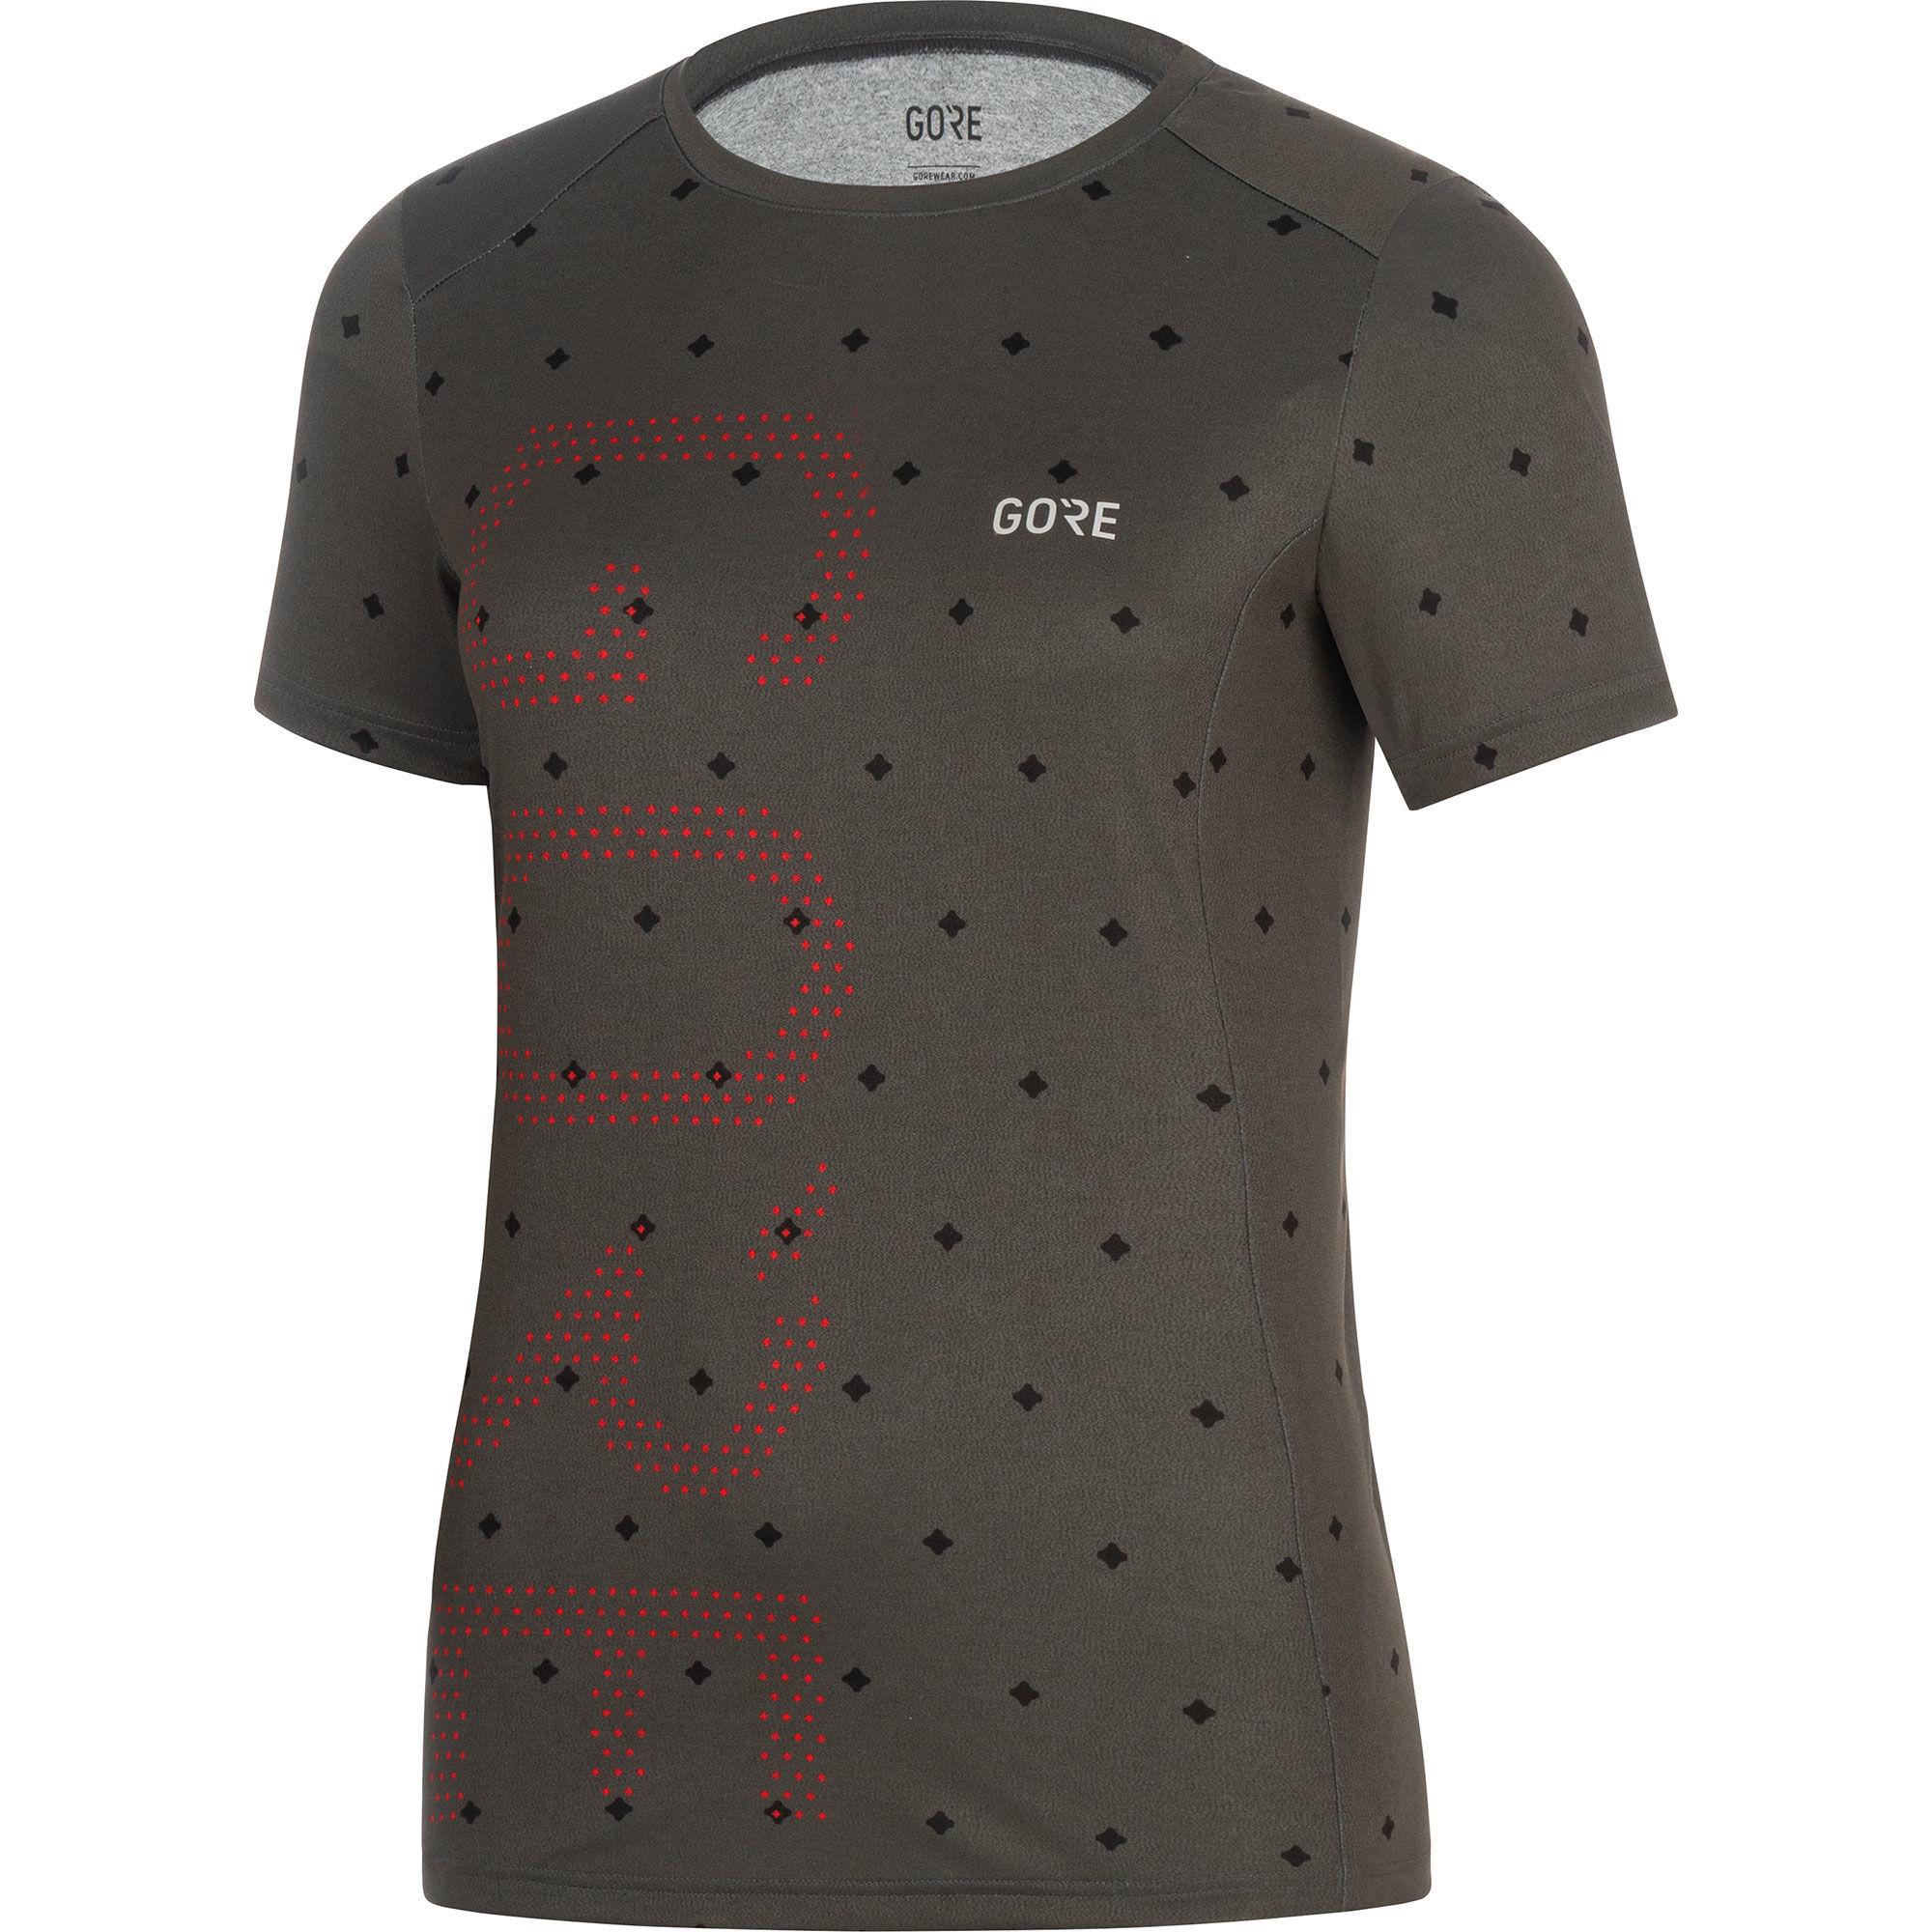 Gore Lady Brand Shirt (Grau)